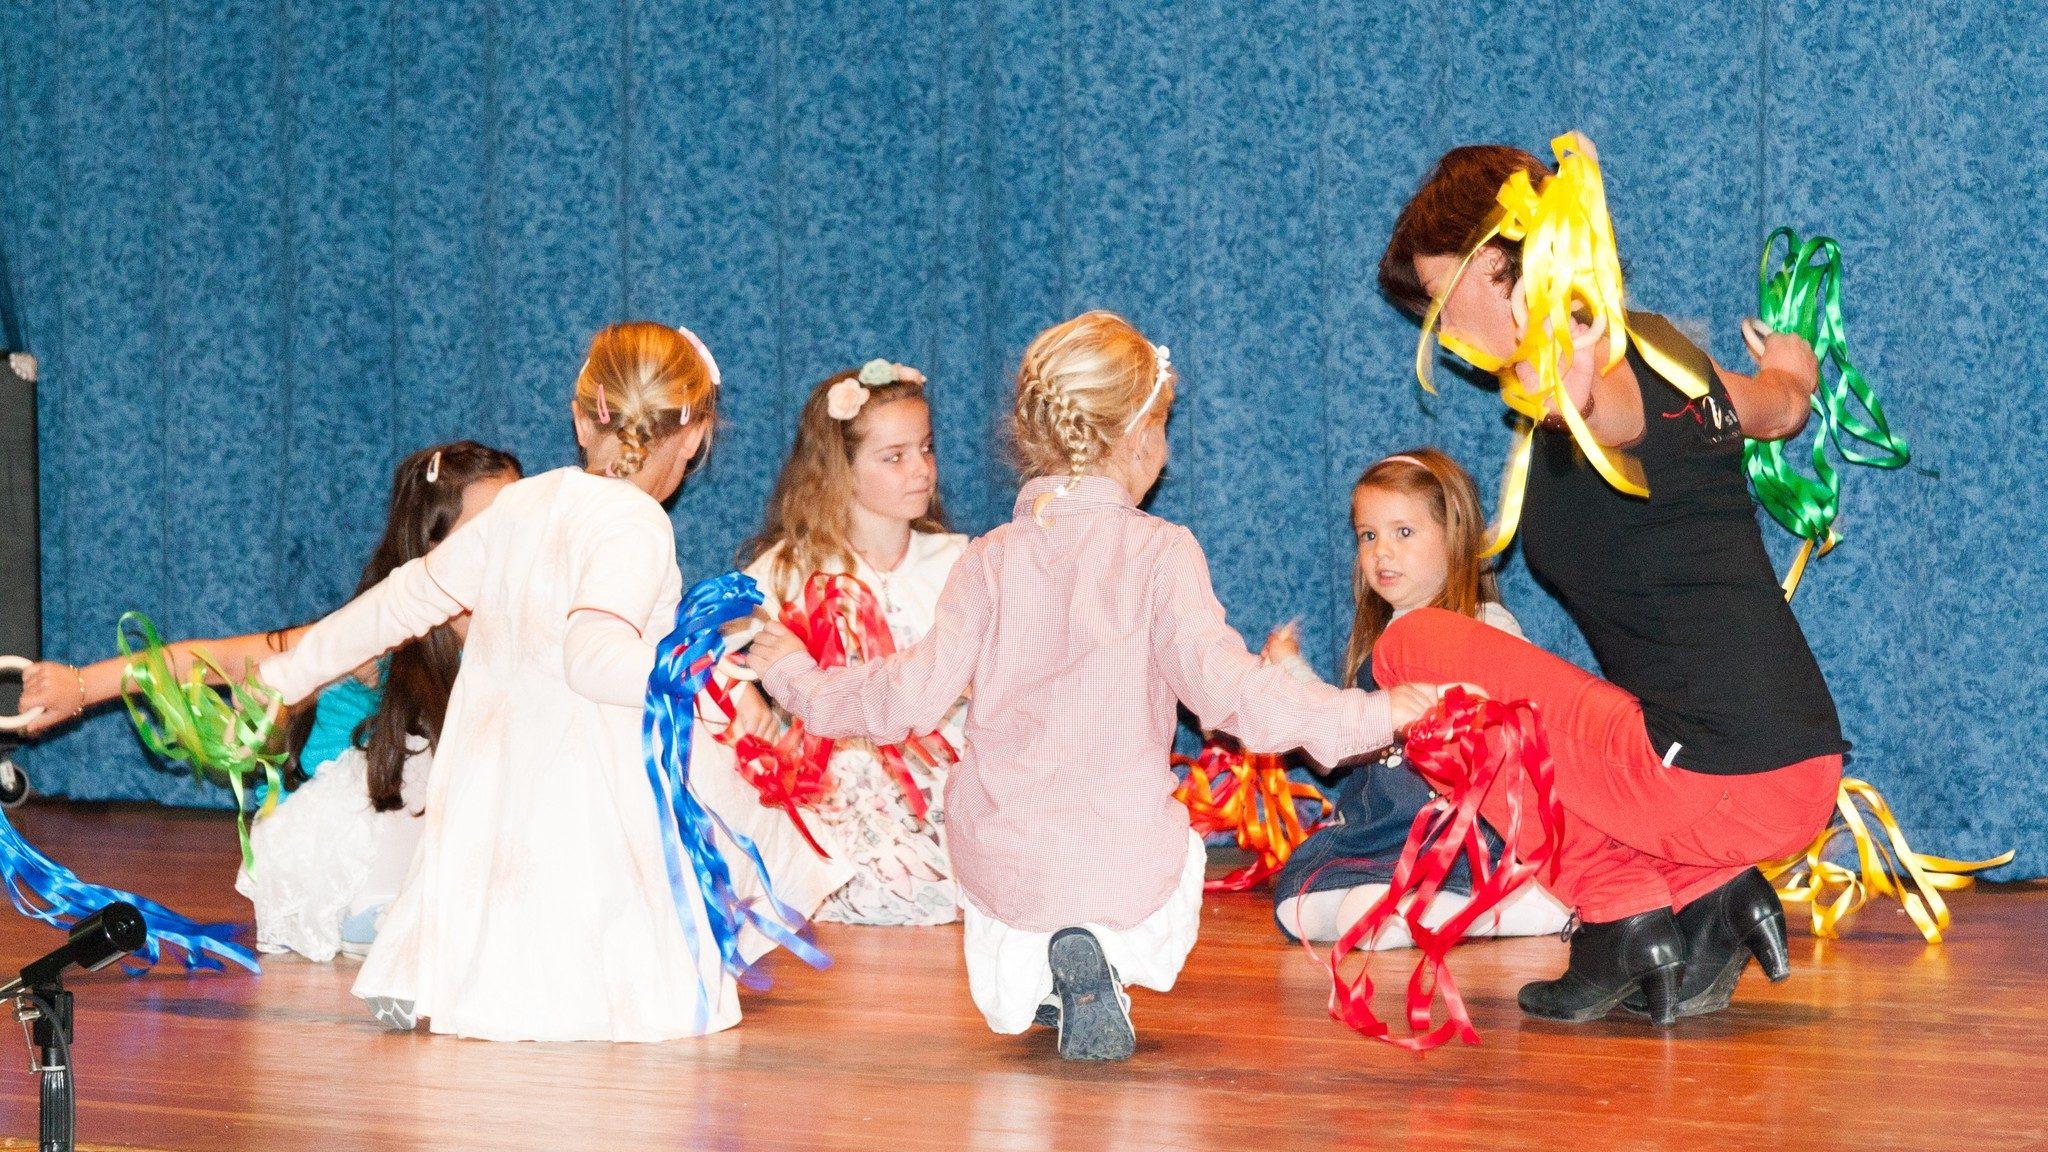 Klangreise zum Tag der Musik: Die Musimo-Kinder zeigen einen rhythmischen Tanz